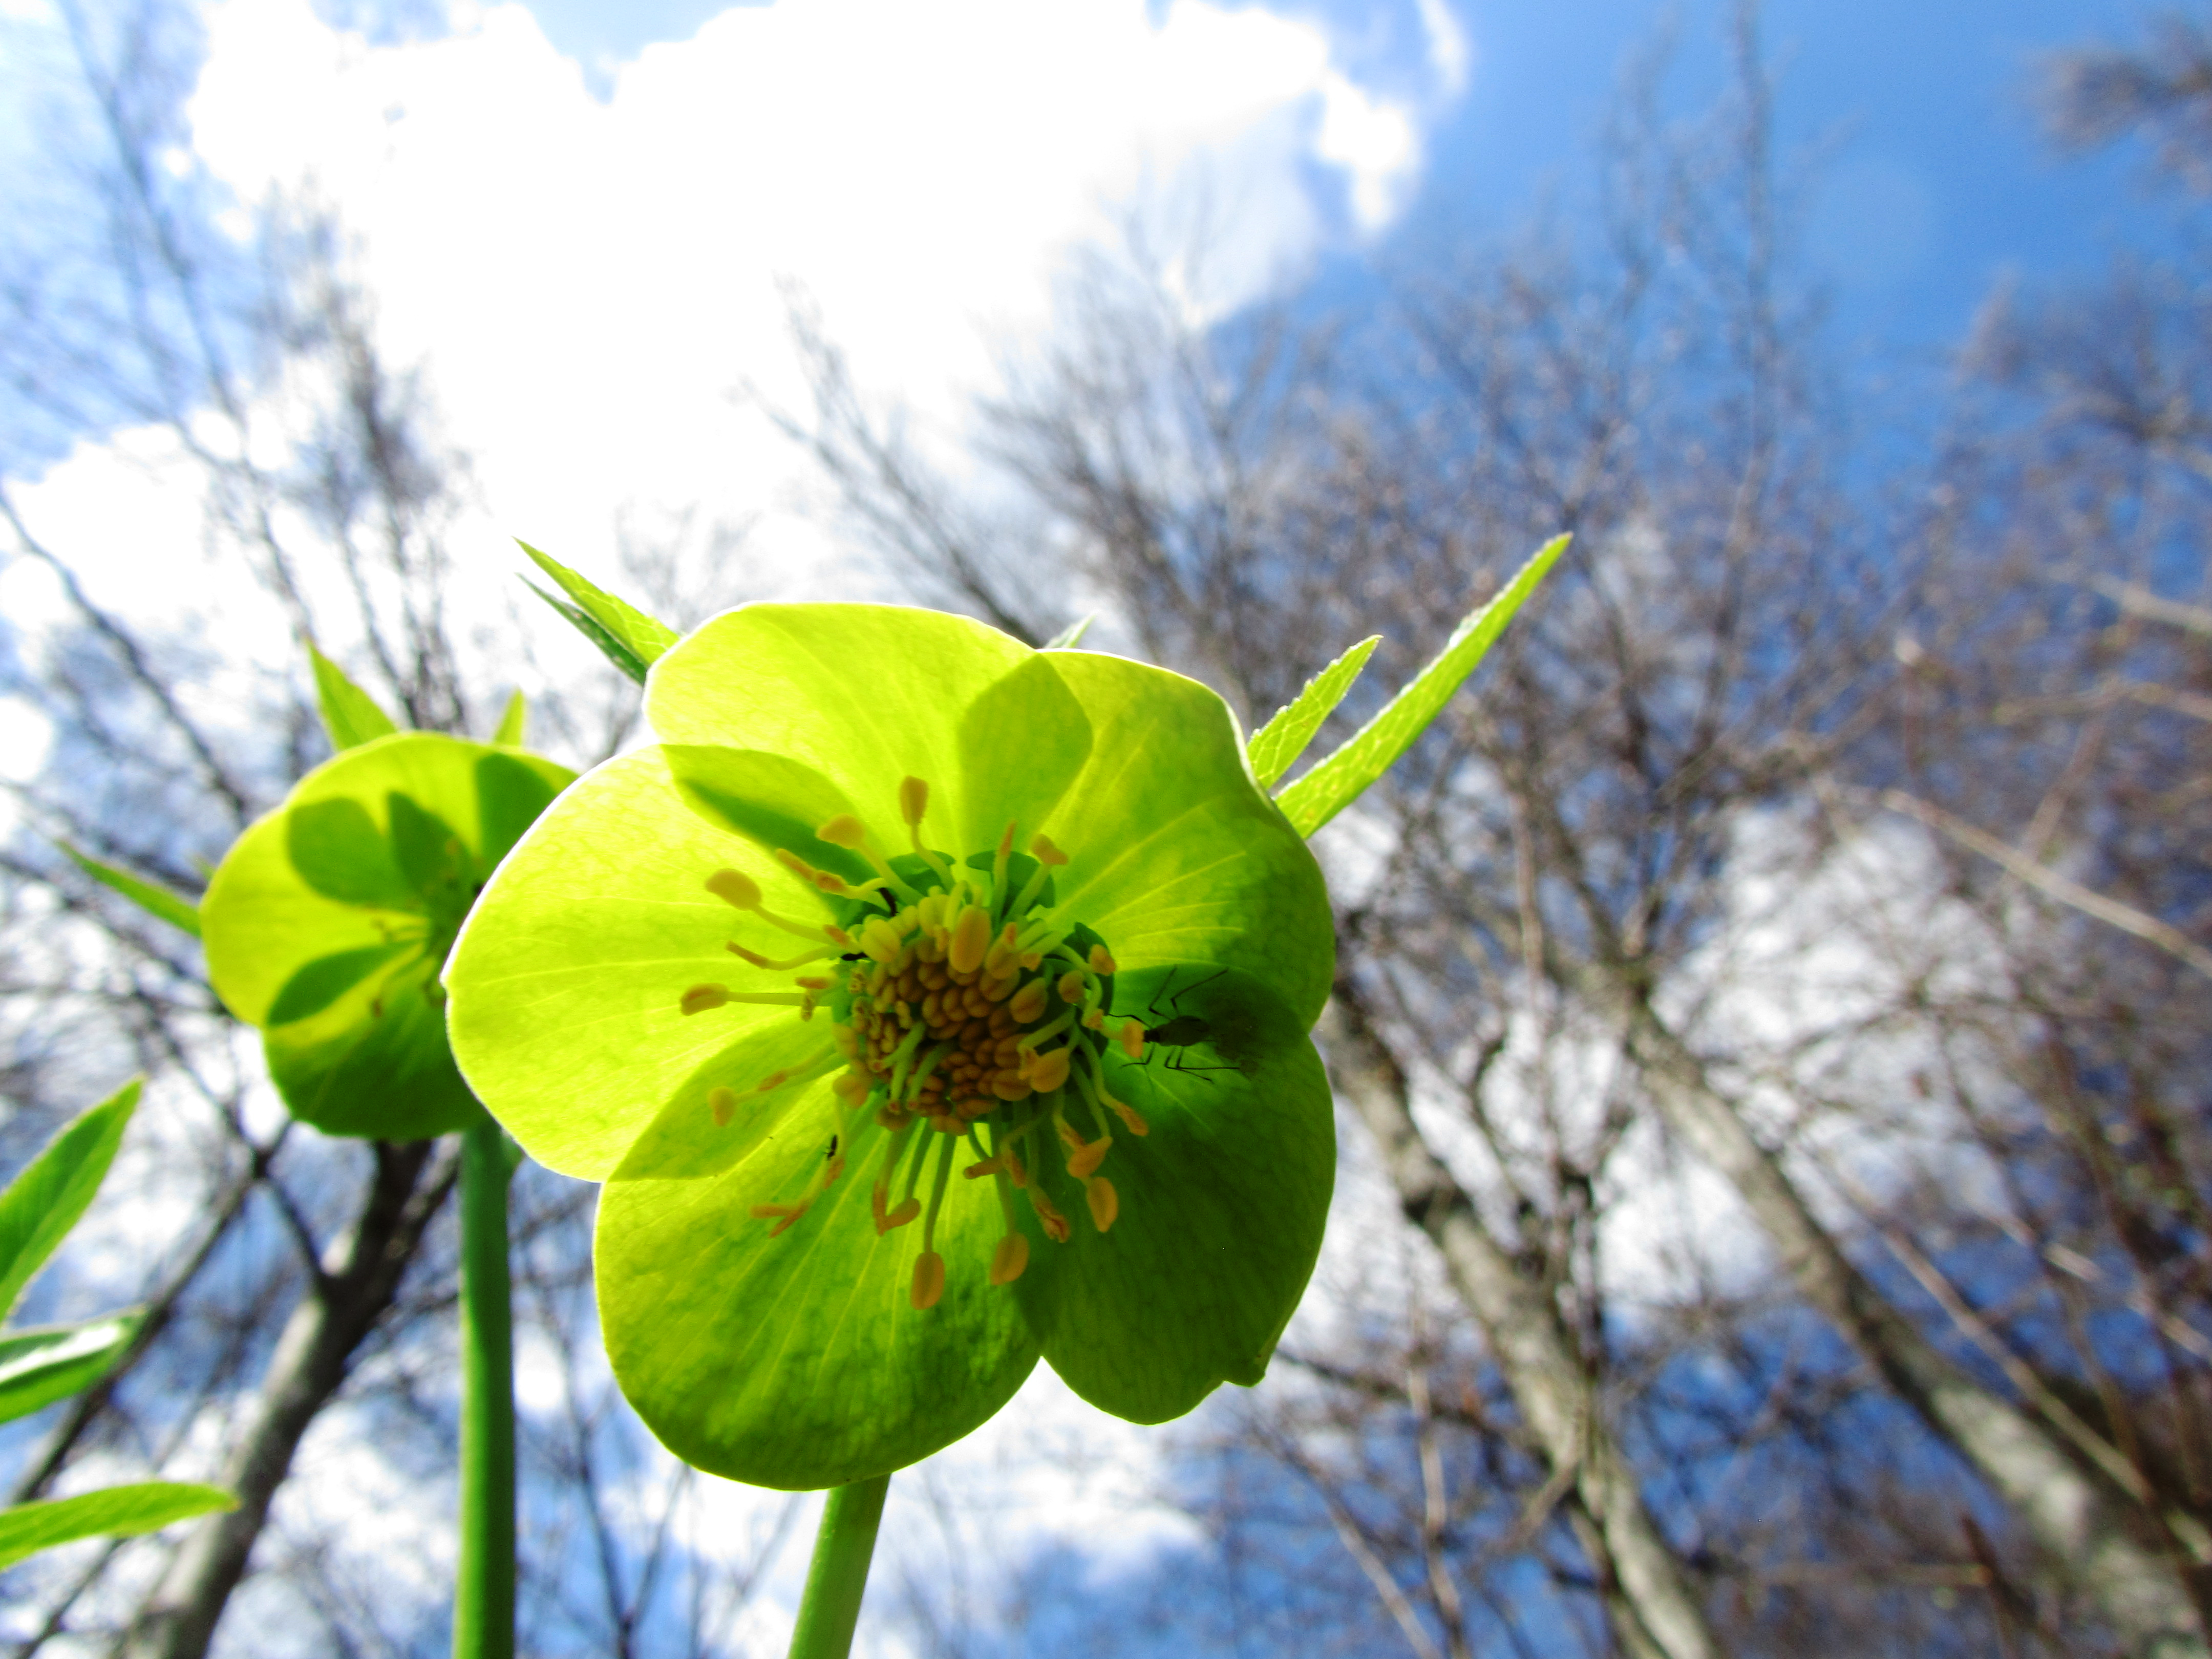 Fiori Di Primavera.File Fiore Di Primavera Sul Bertiaga Png Wikimedia Commons